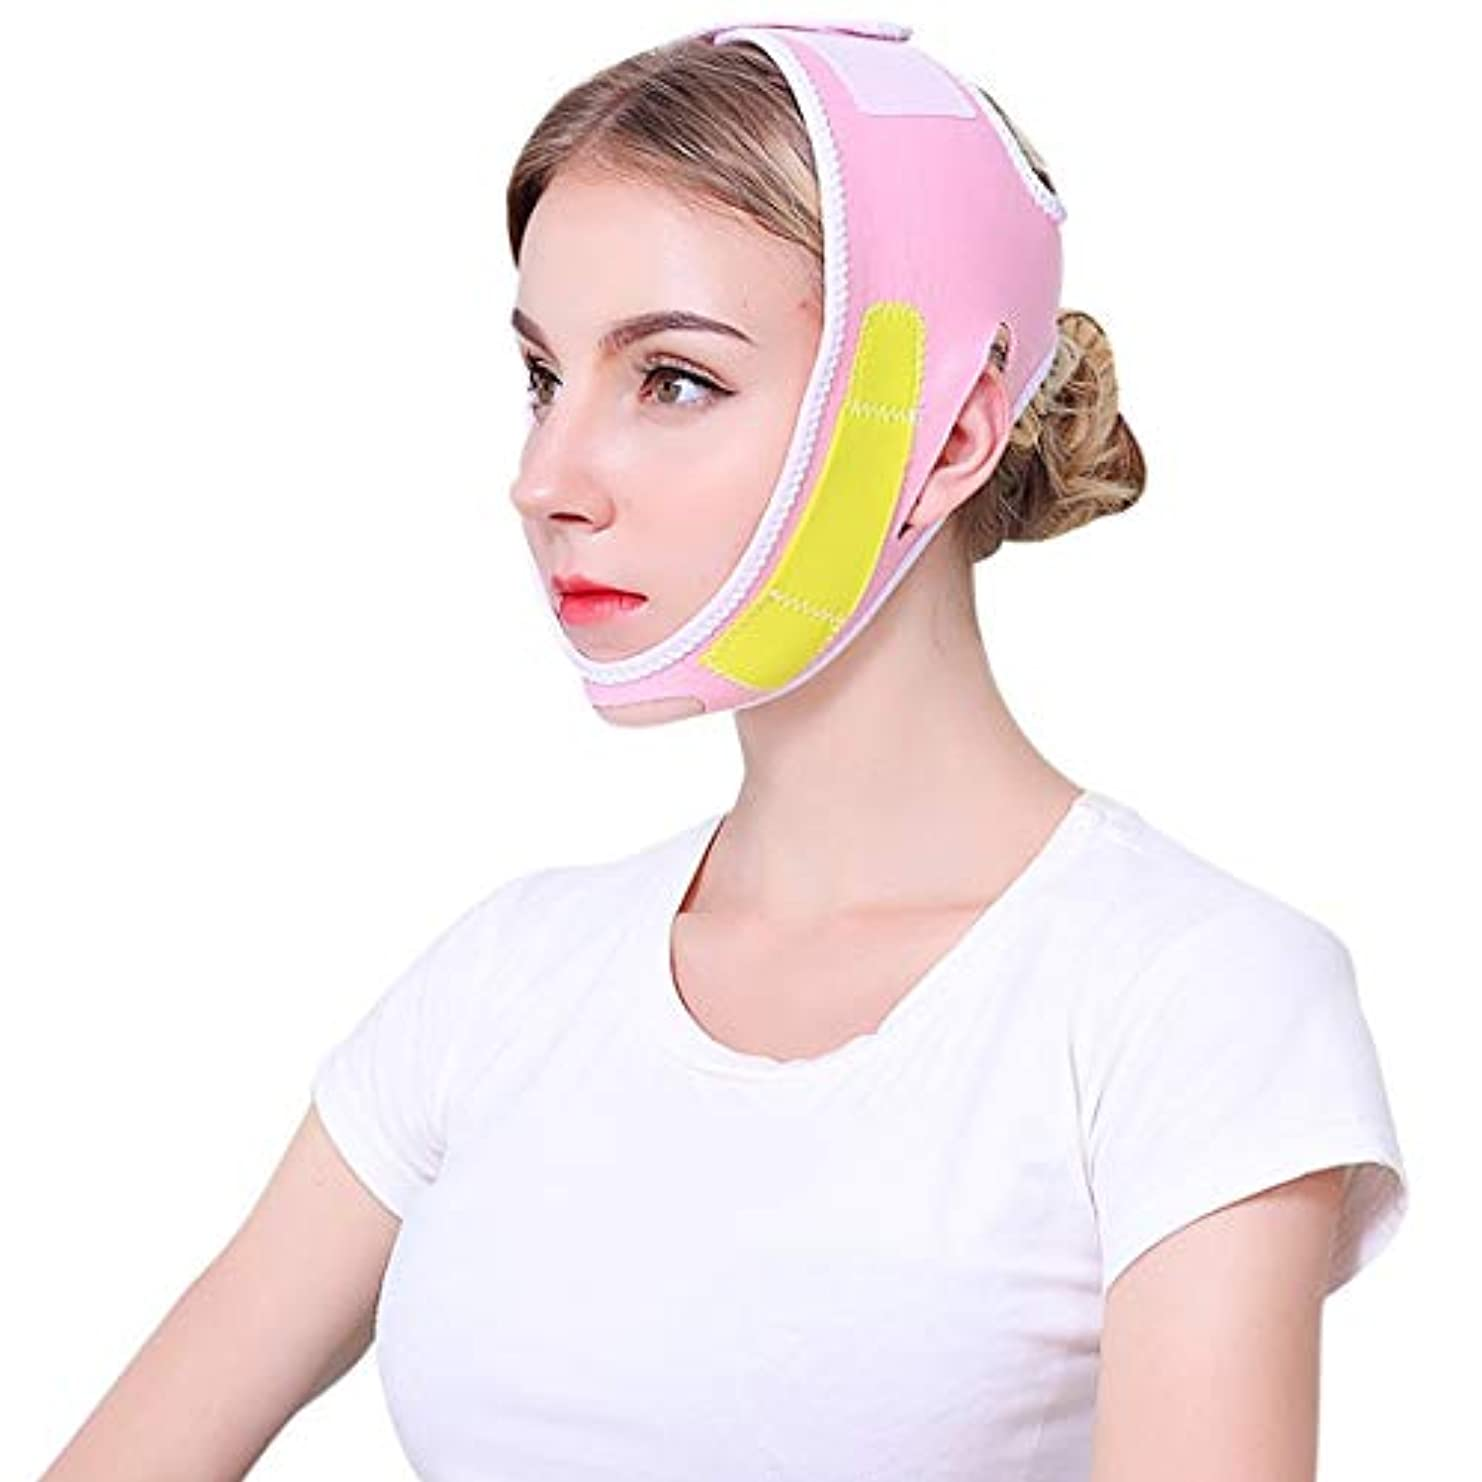 バラバラにする協力的金額ZWBD フェイスマスク, 薄い顔の包帯睡眠小さいv顔アーティファクトプル型二重あご線術後矯正薄い顔ステッカー